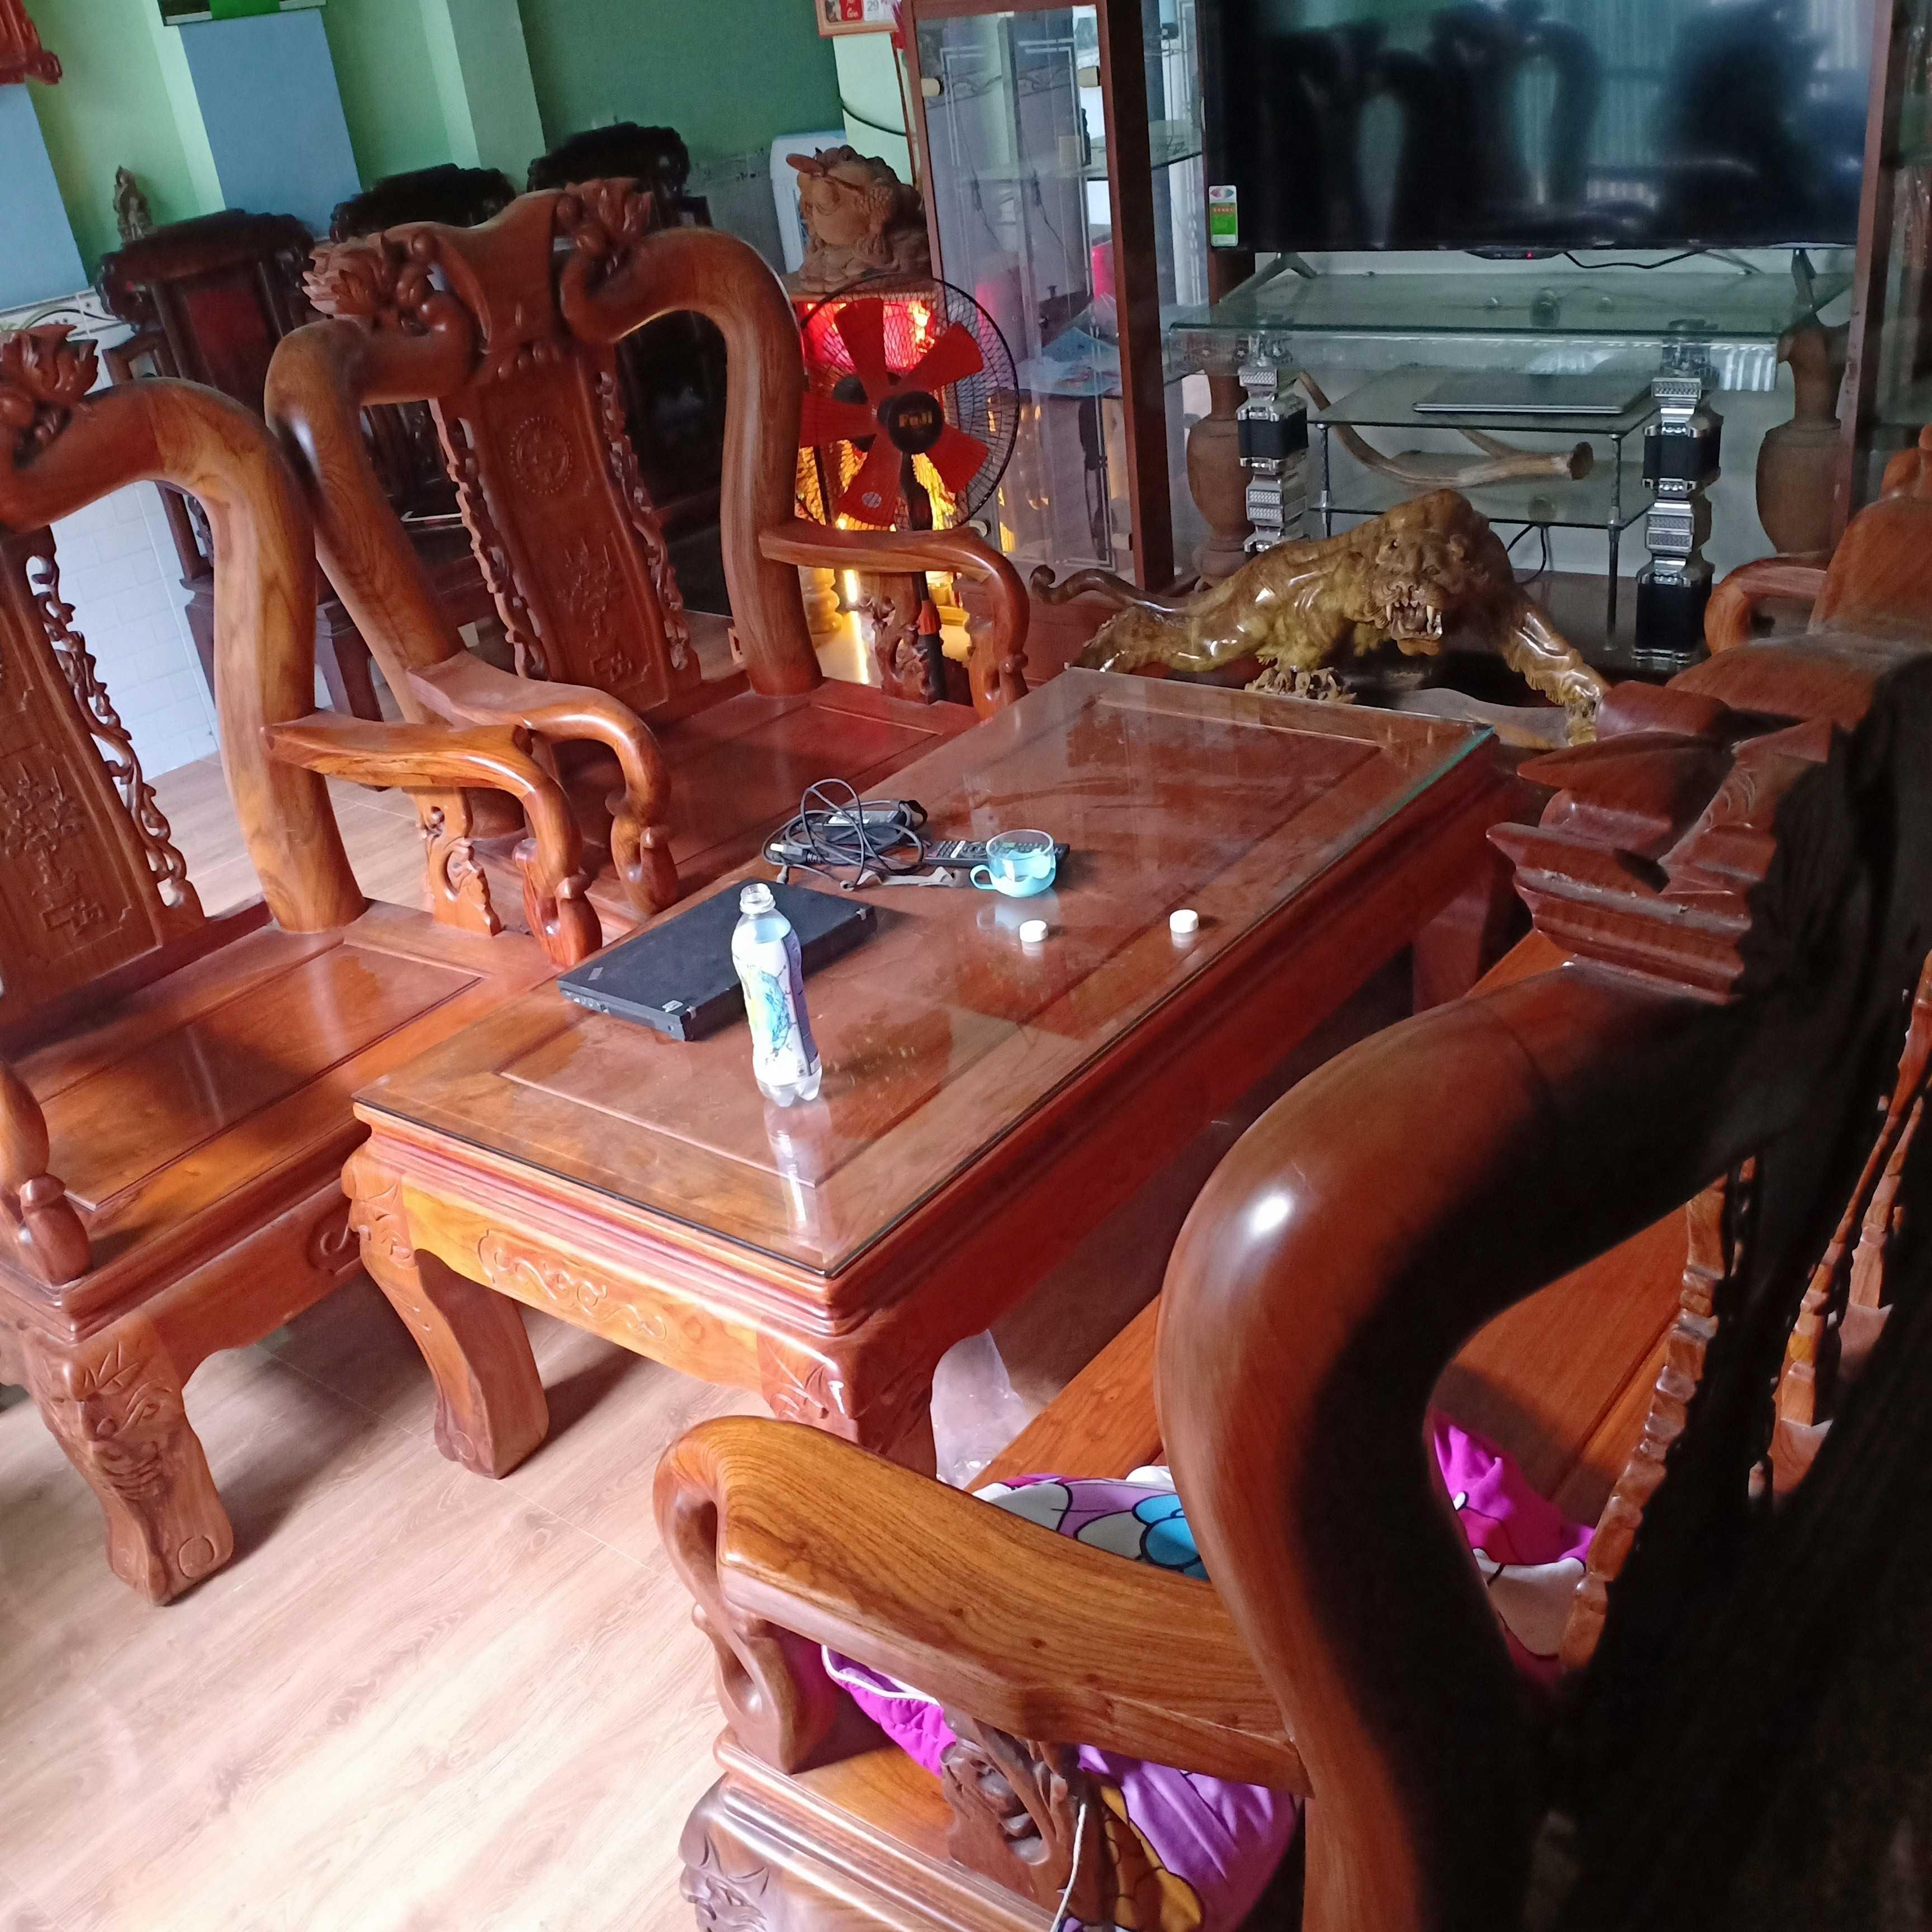 Mua bán đồ gia đình cũ giá rẻ tại TpHCM